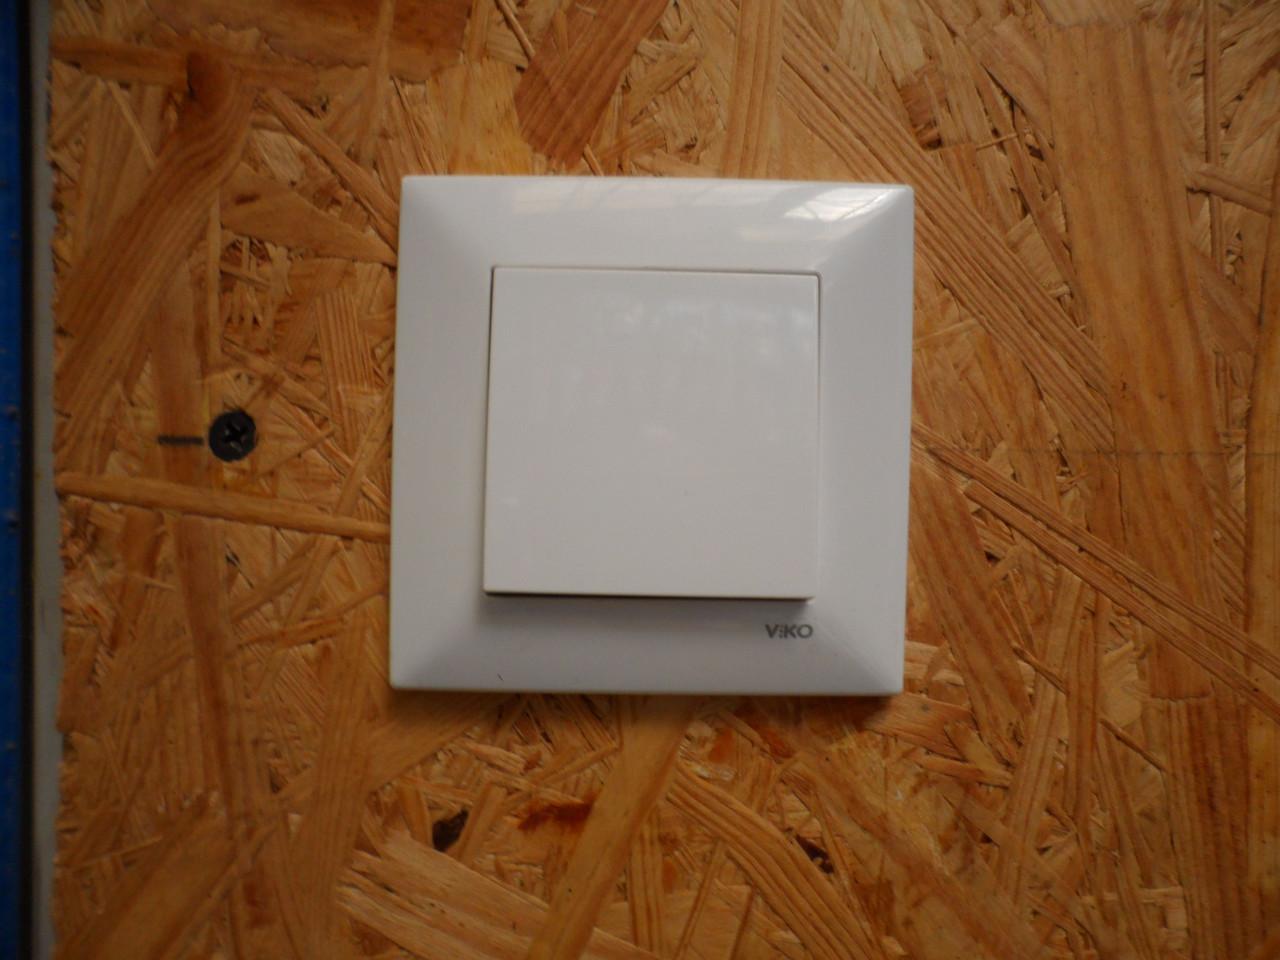 Выключатель проходной без подсветки VIKO meridian